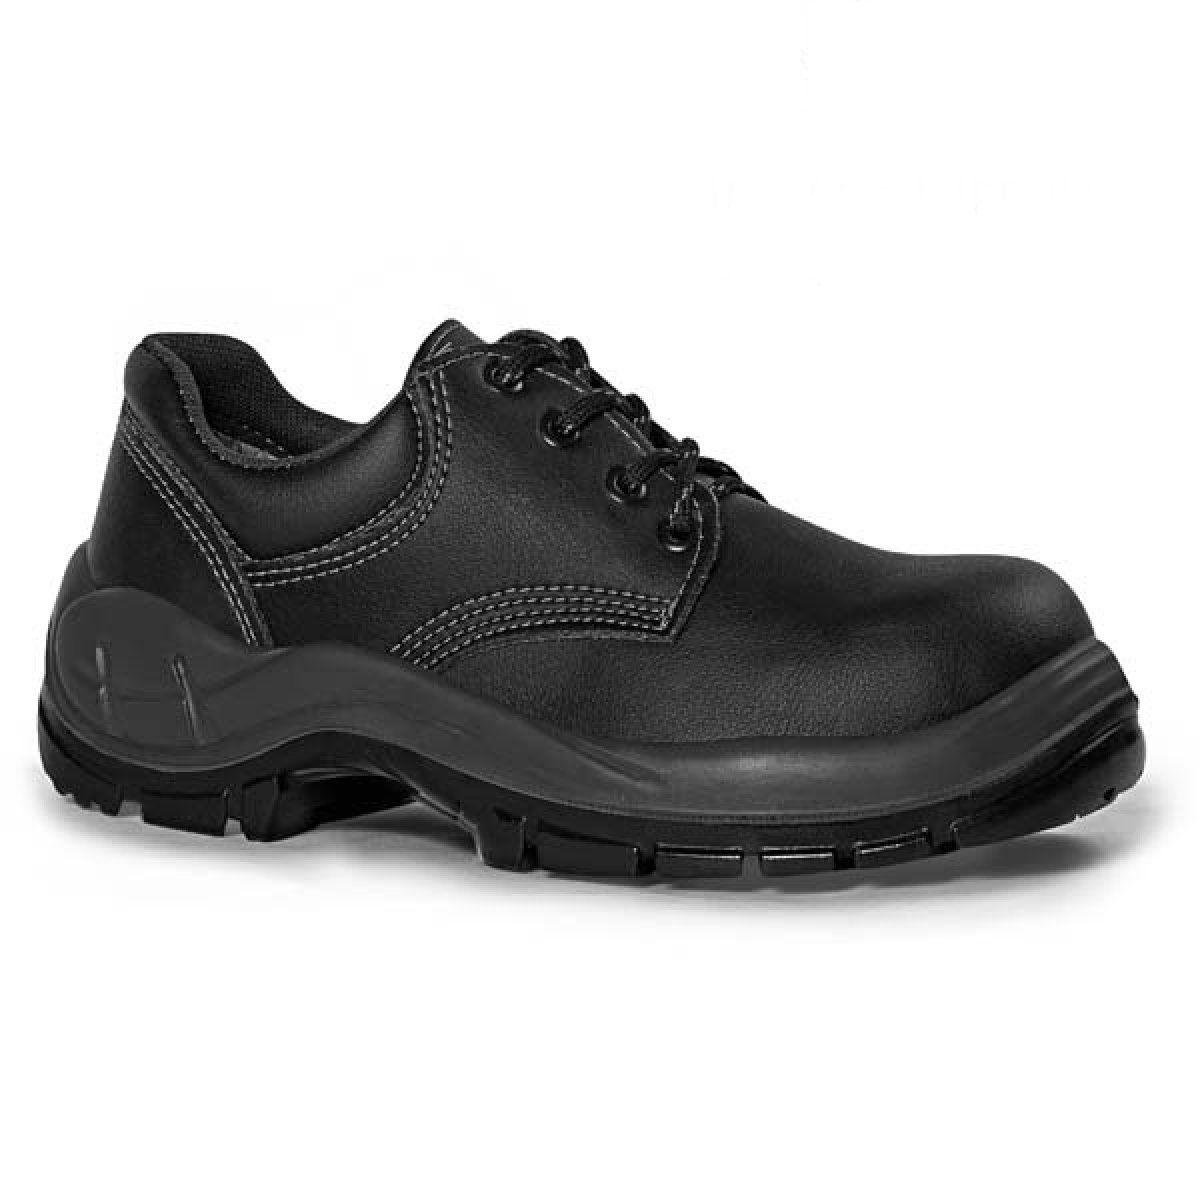 Sapato c/ Cadarço Bidensidade s/ Bico de Aço Preto N°42 - BRACOL